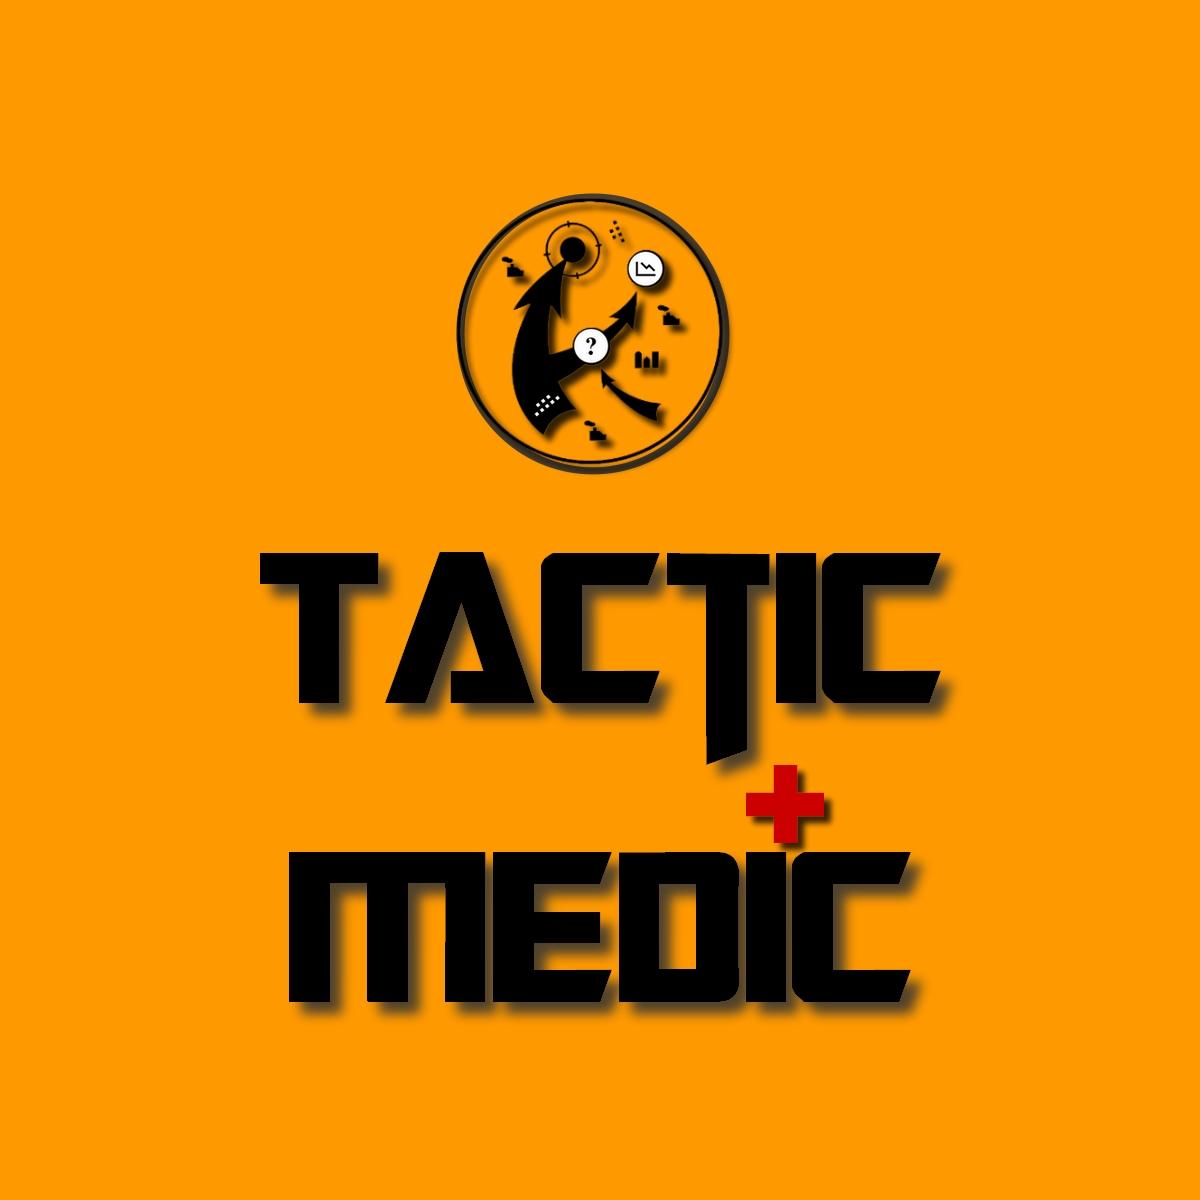 CLS, TCCC, Střelba, voják, zbrojní průkaz, střelecký kurz, instruktor, obranná střelba sa.58, vz.95, Helma , AČR, výstroj, molle,OBOS.cz